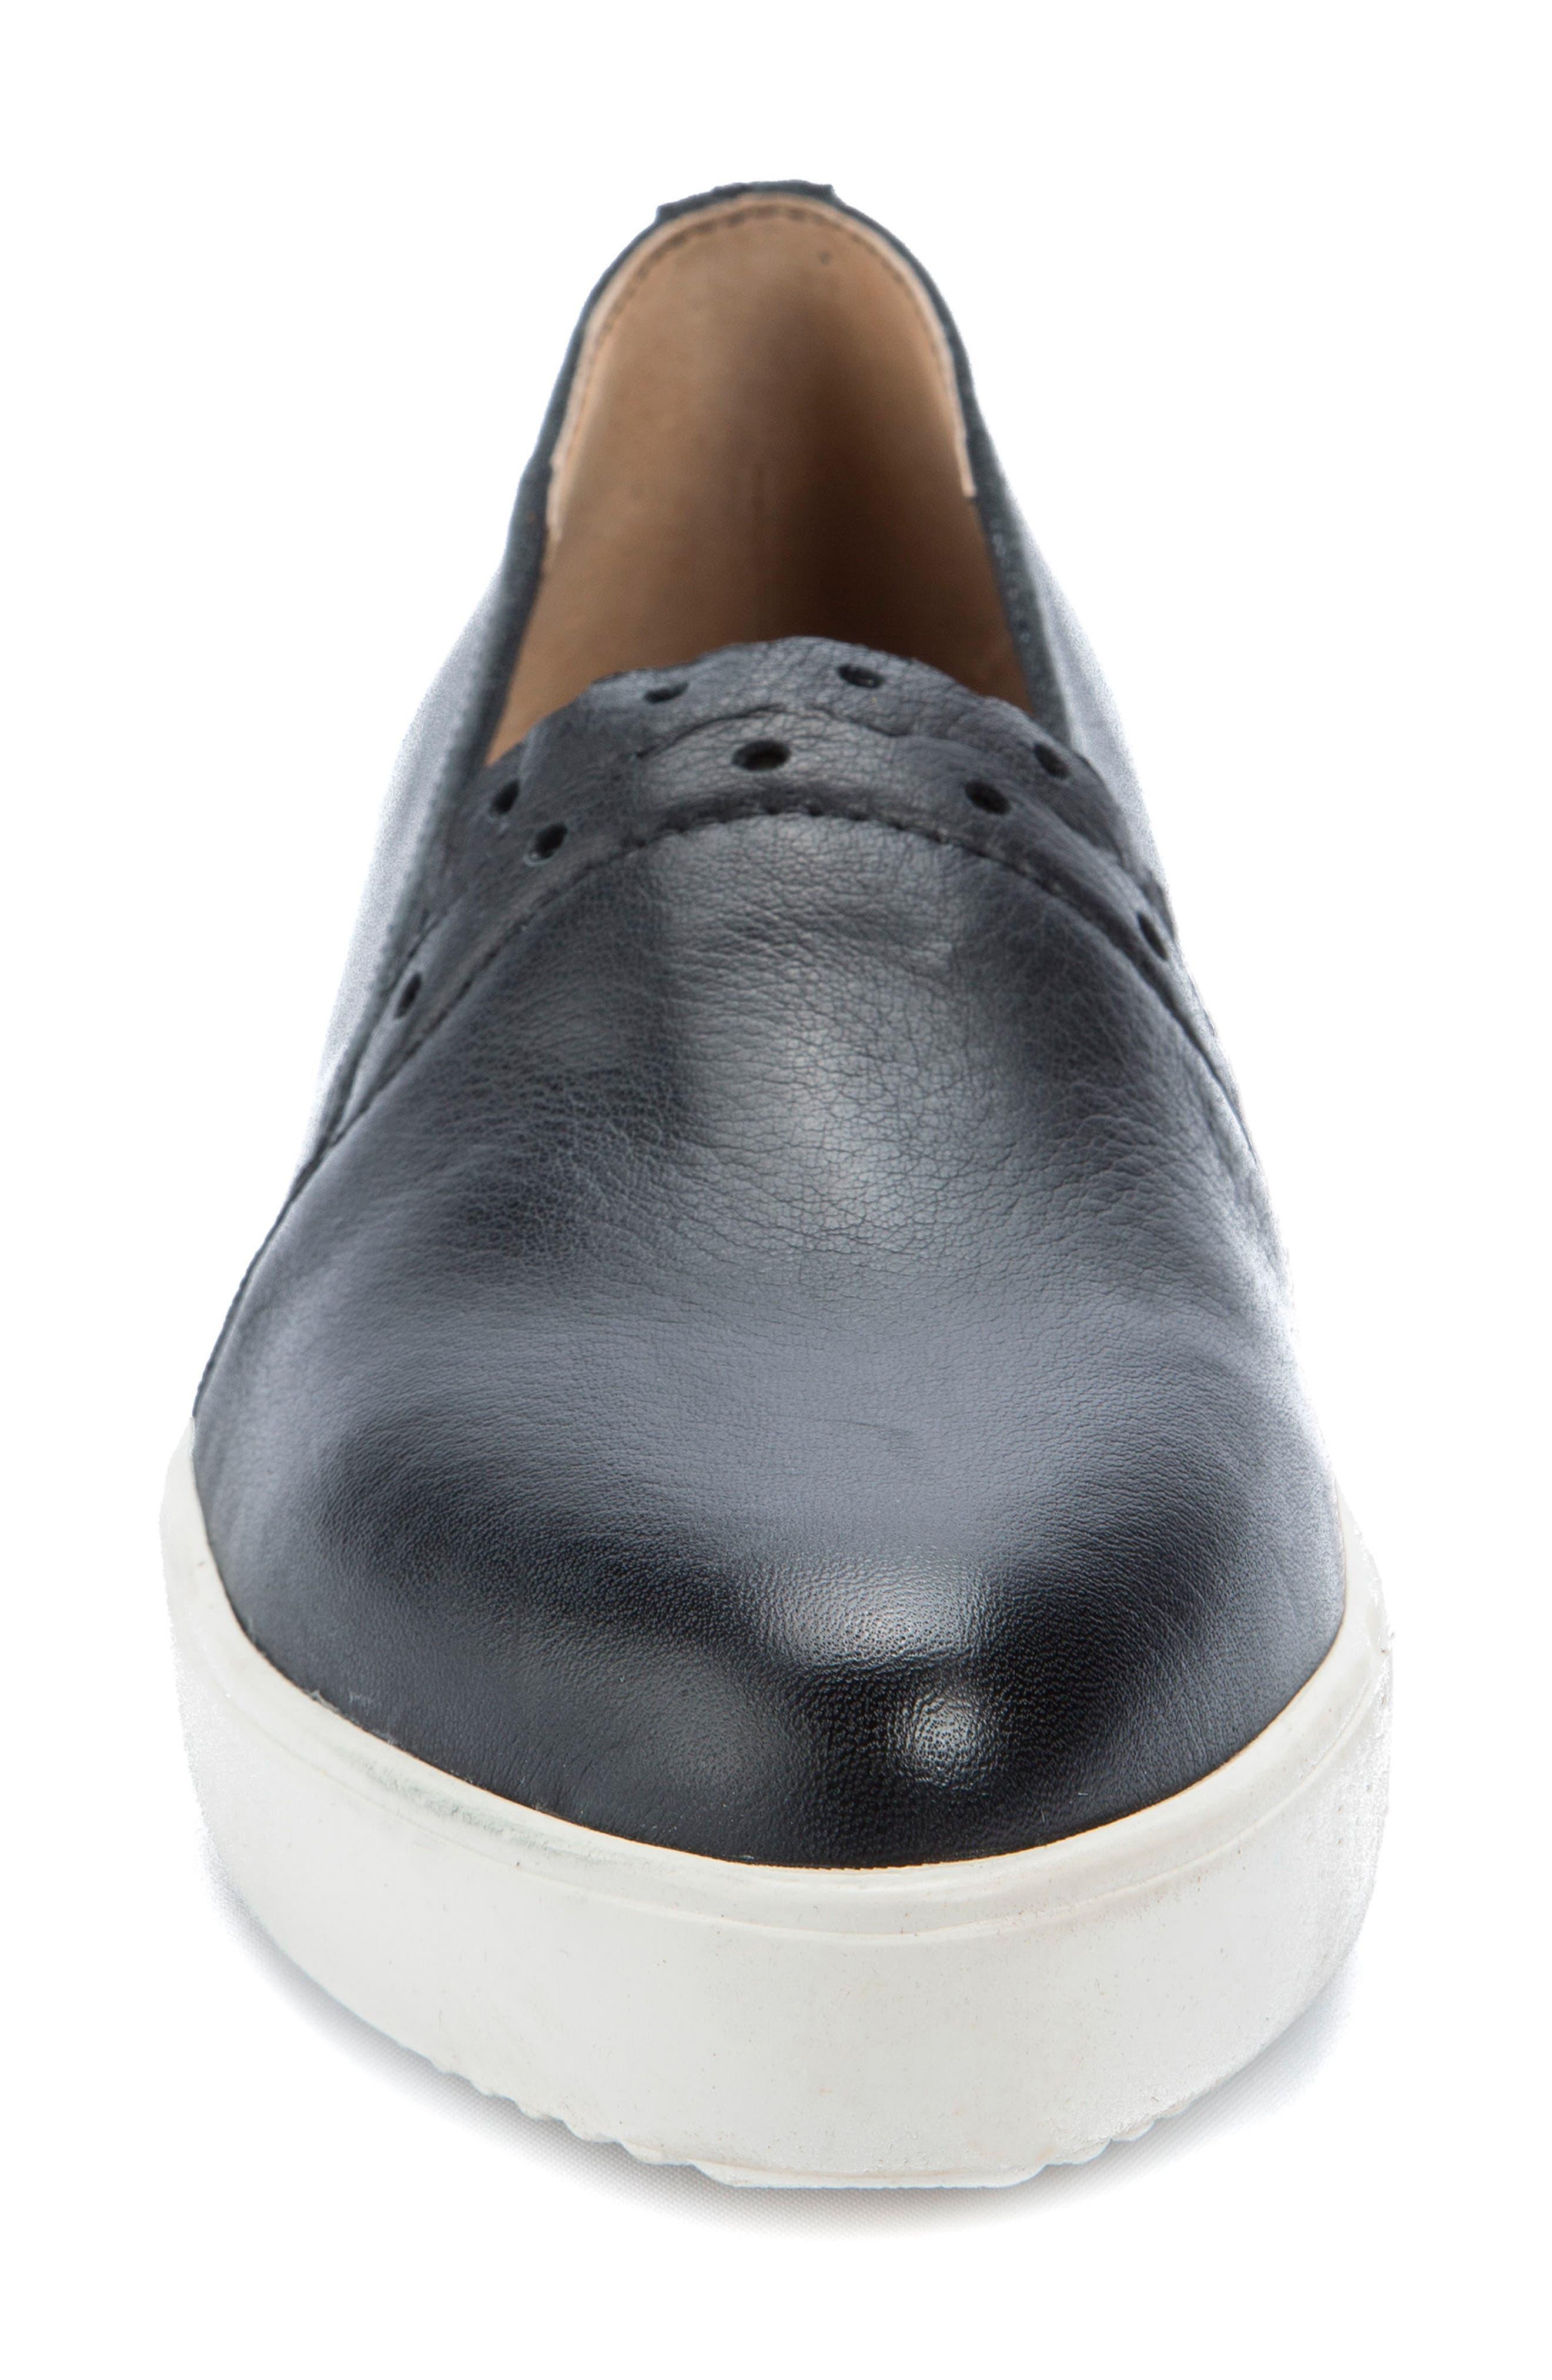 Roe Slip-On Sneaker,                             Alternate thumbnail 4, color,                             Black